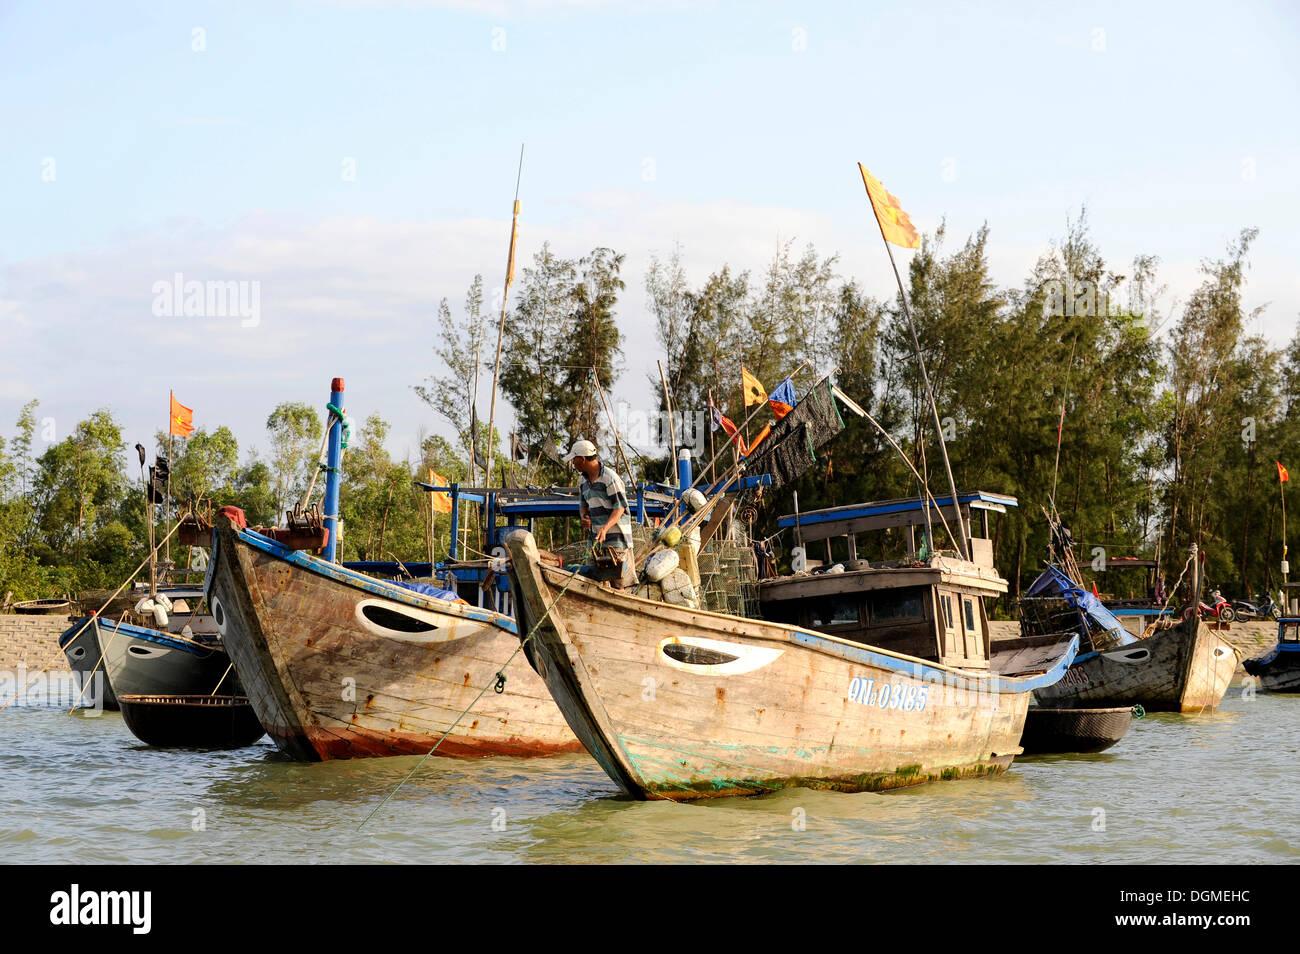 Bateaux de pêche sur la rivière Thu Bon, Hoi An, Quang Nam, le centre du Vietnam, Vietnam, Asie du Sud, Asie Photo Stock